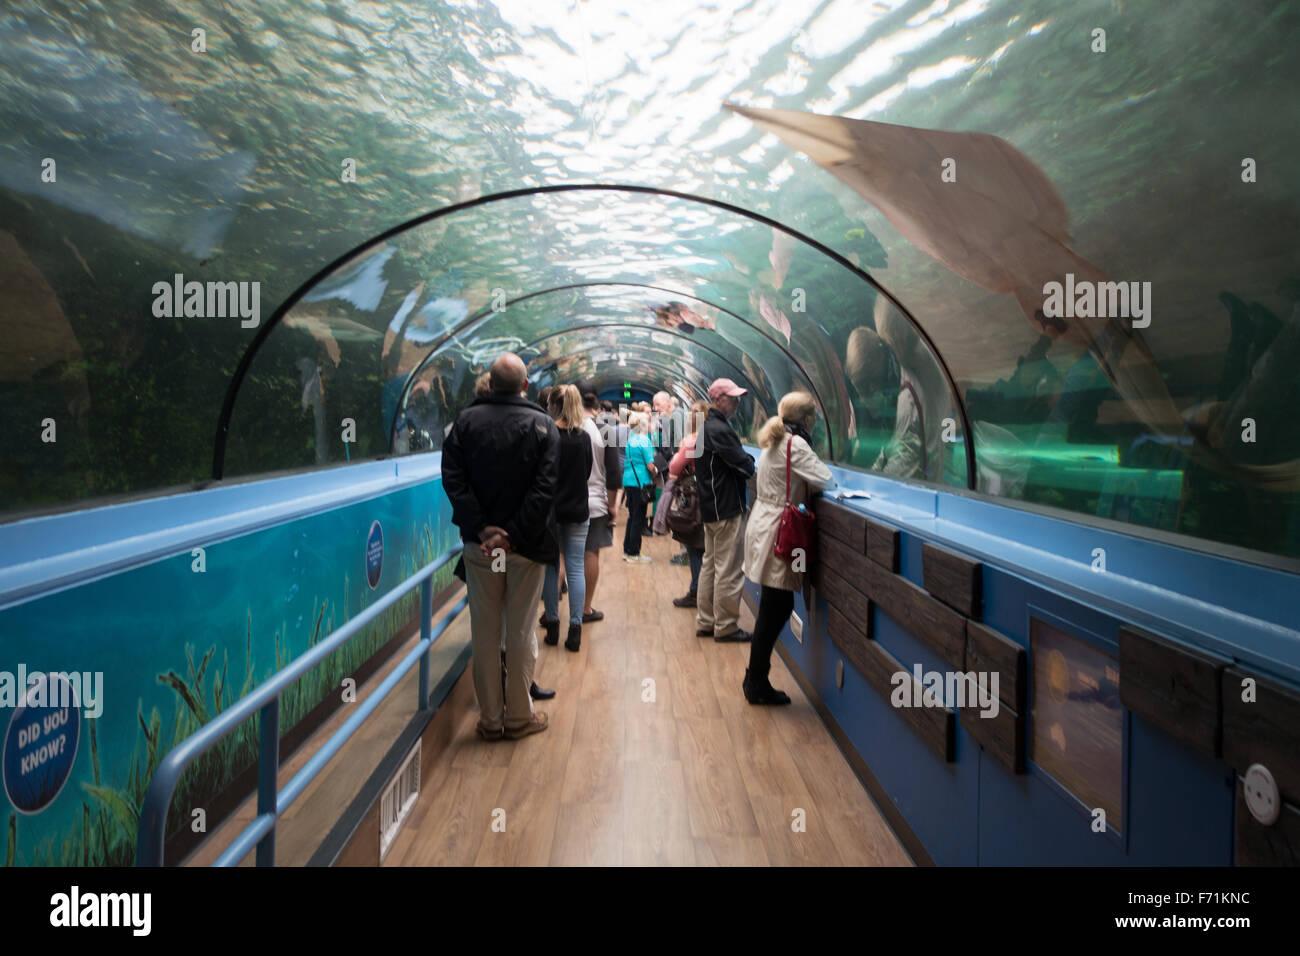 people inside sea life sydney aquarium - Stock Image